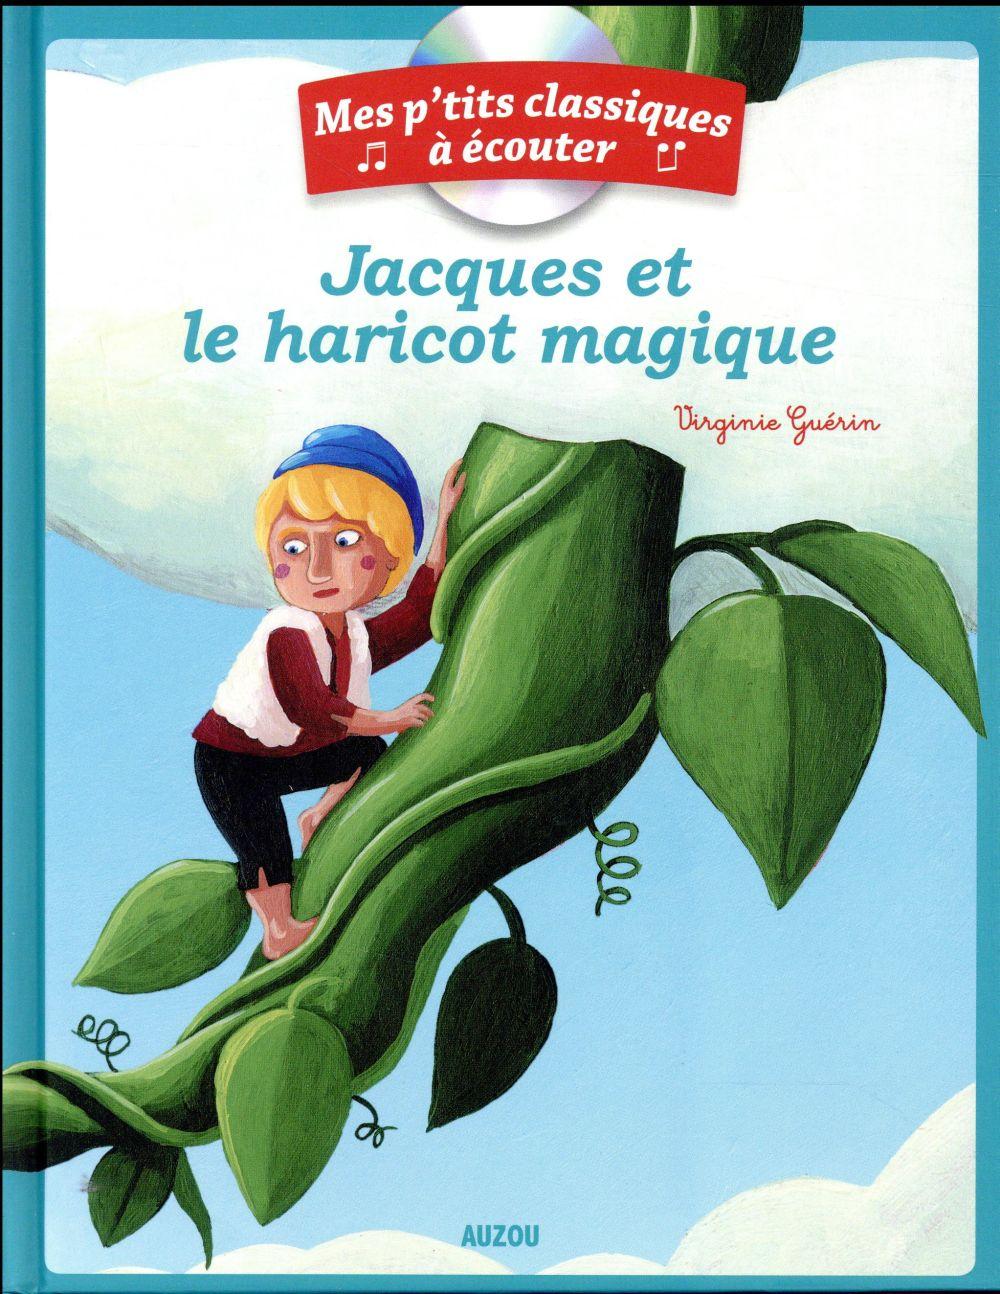 JACQUES ET LE HARICOT MAGIQUE (COLL. MES P'TITS CLASSIQUES A ECOUTER)